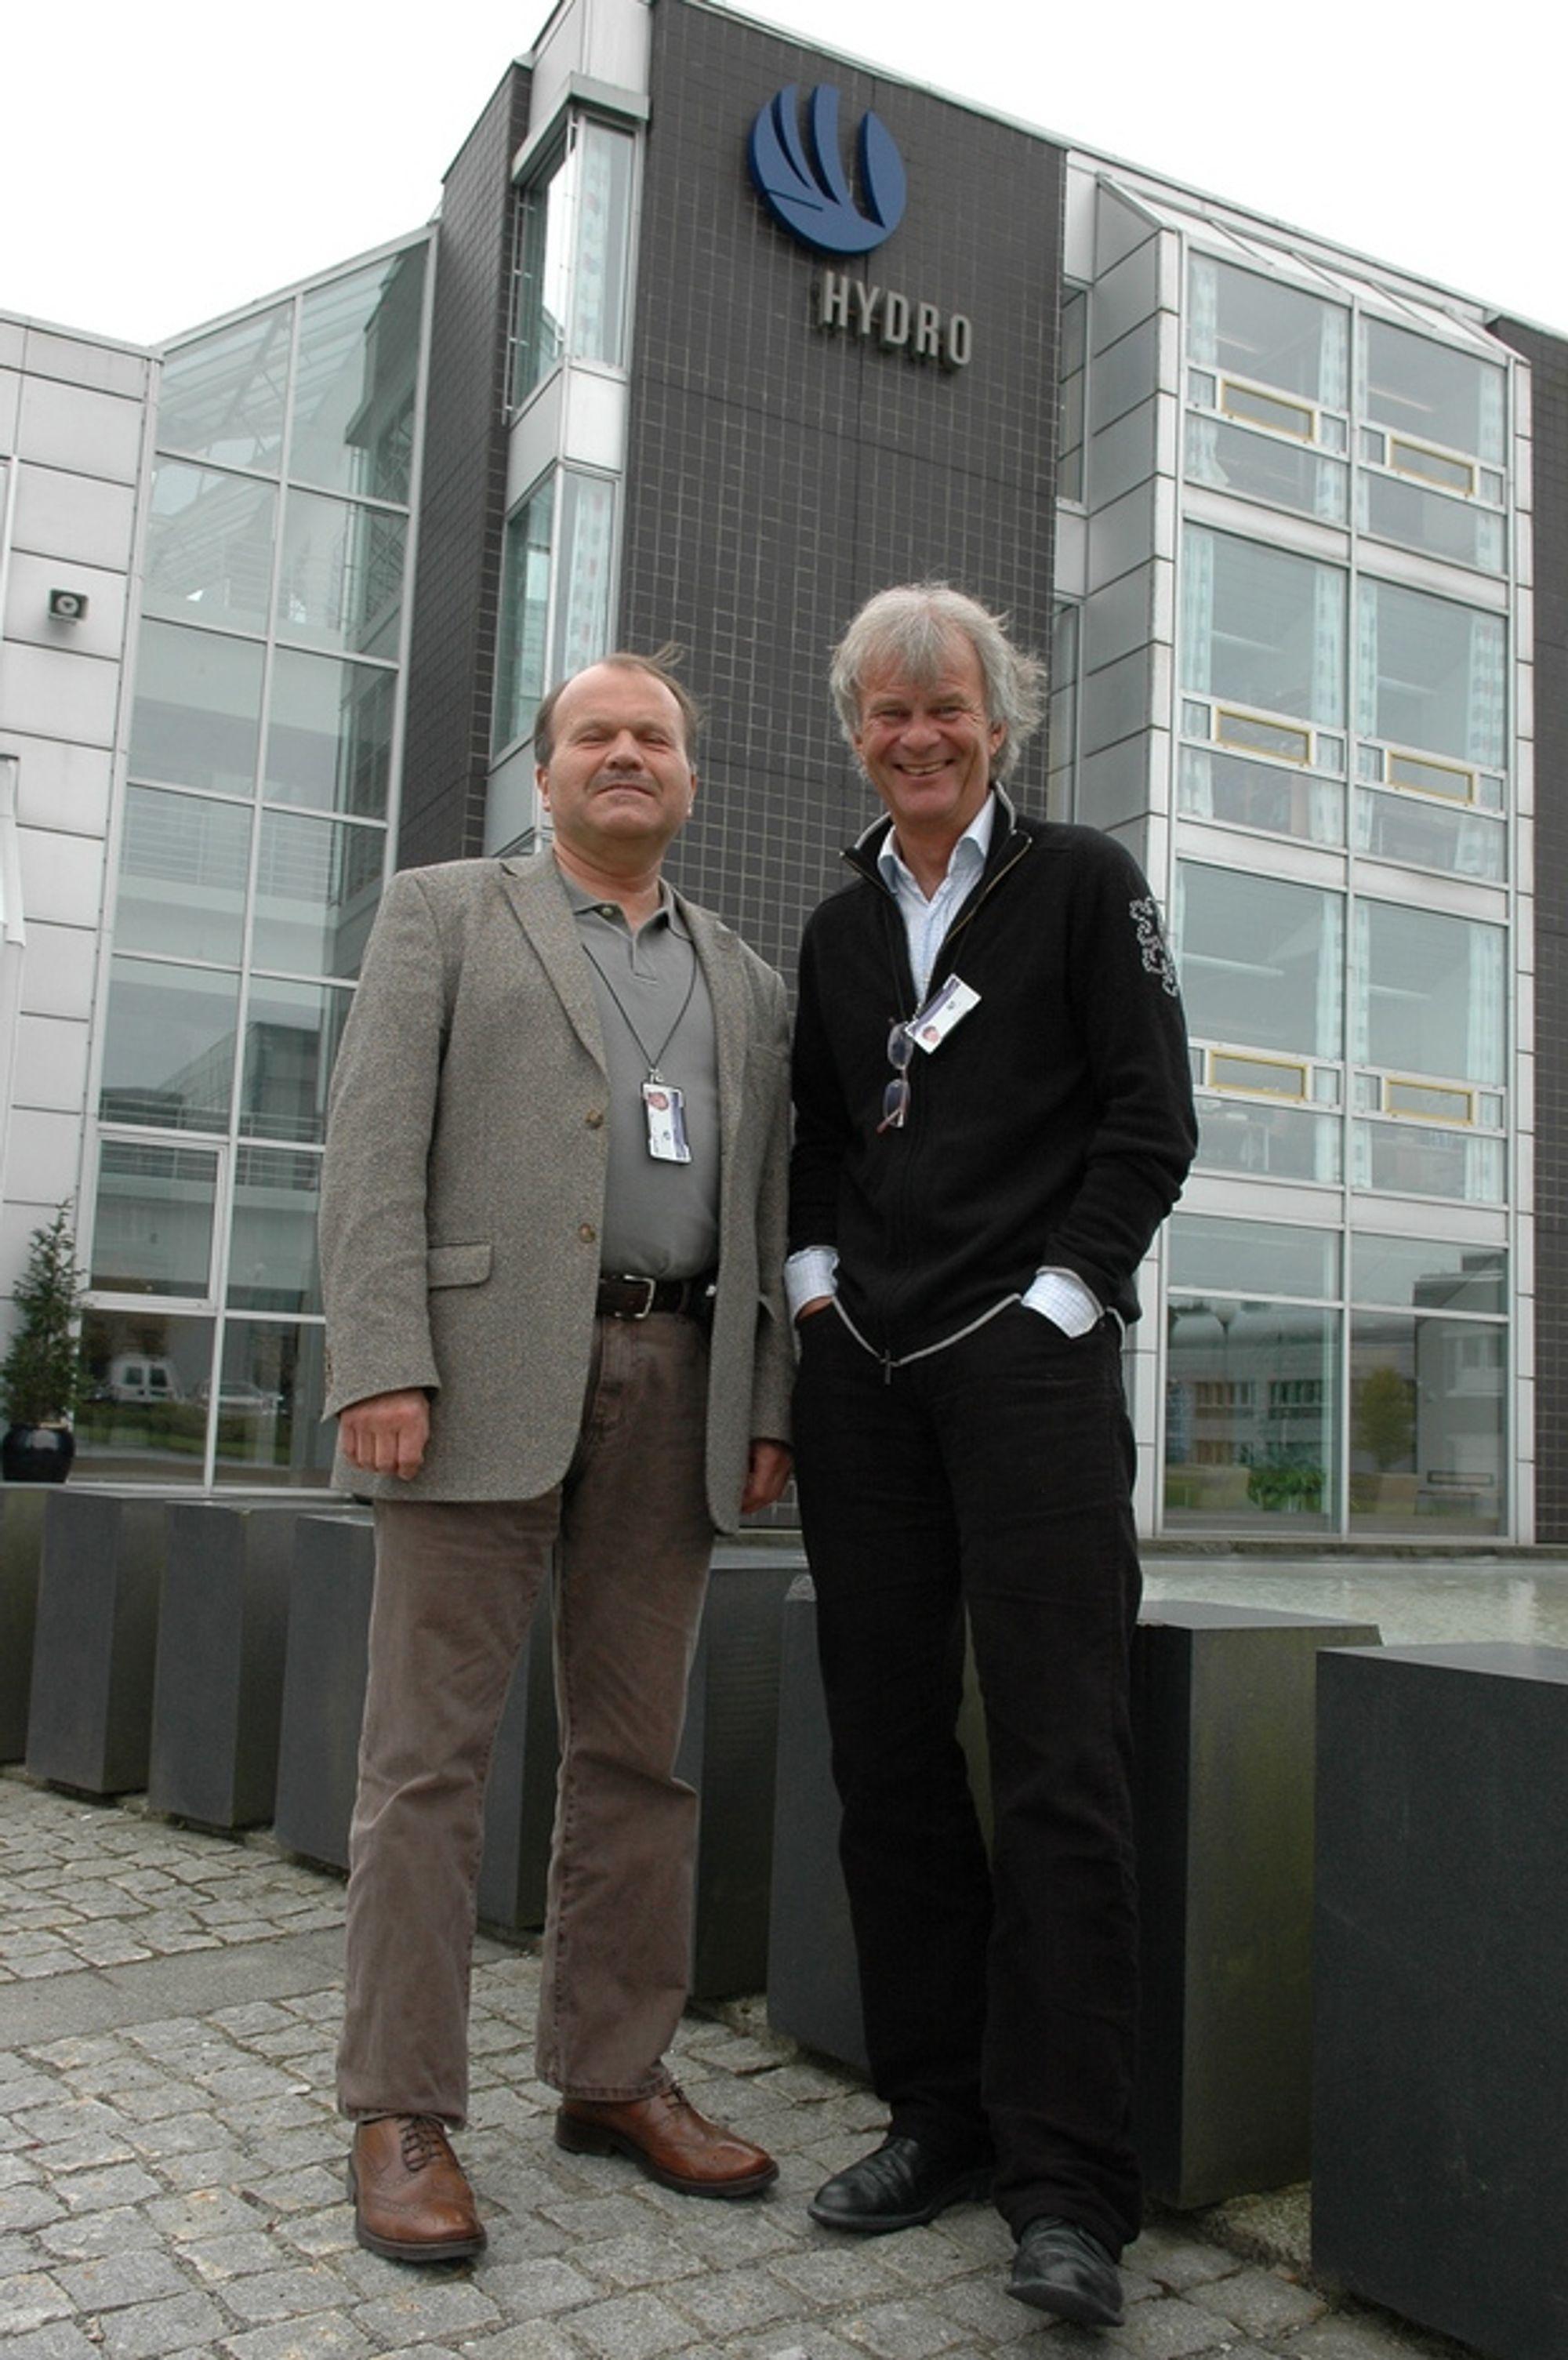 RASKERE OG BILLIGERE: Kombinasjonen seismikk og elektromagnetisme øker sannsynligheten for nye olje- og gassfunn, mener Svein Johnstad og Leif Lømo i Hydro.